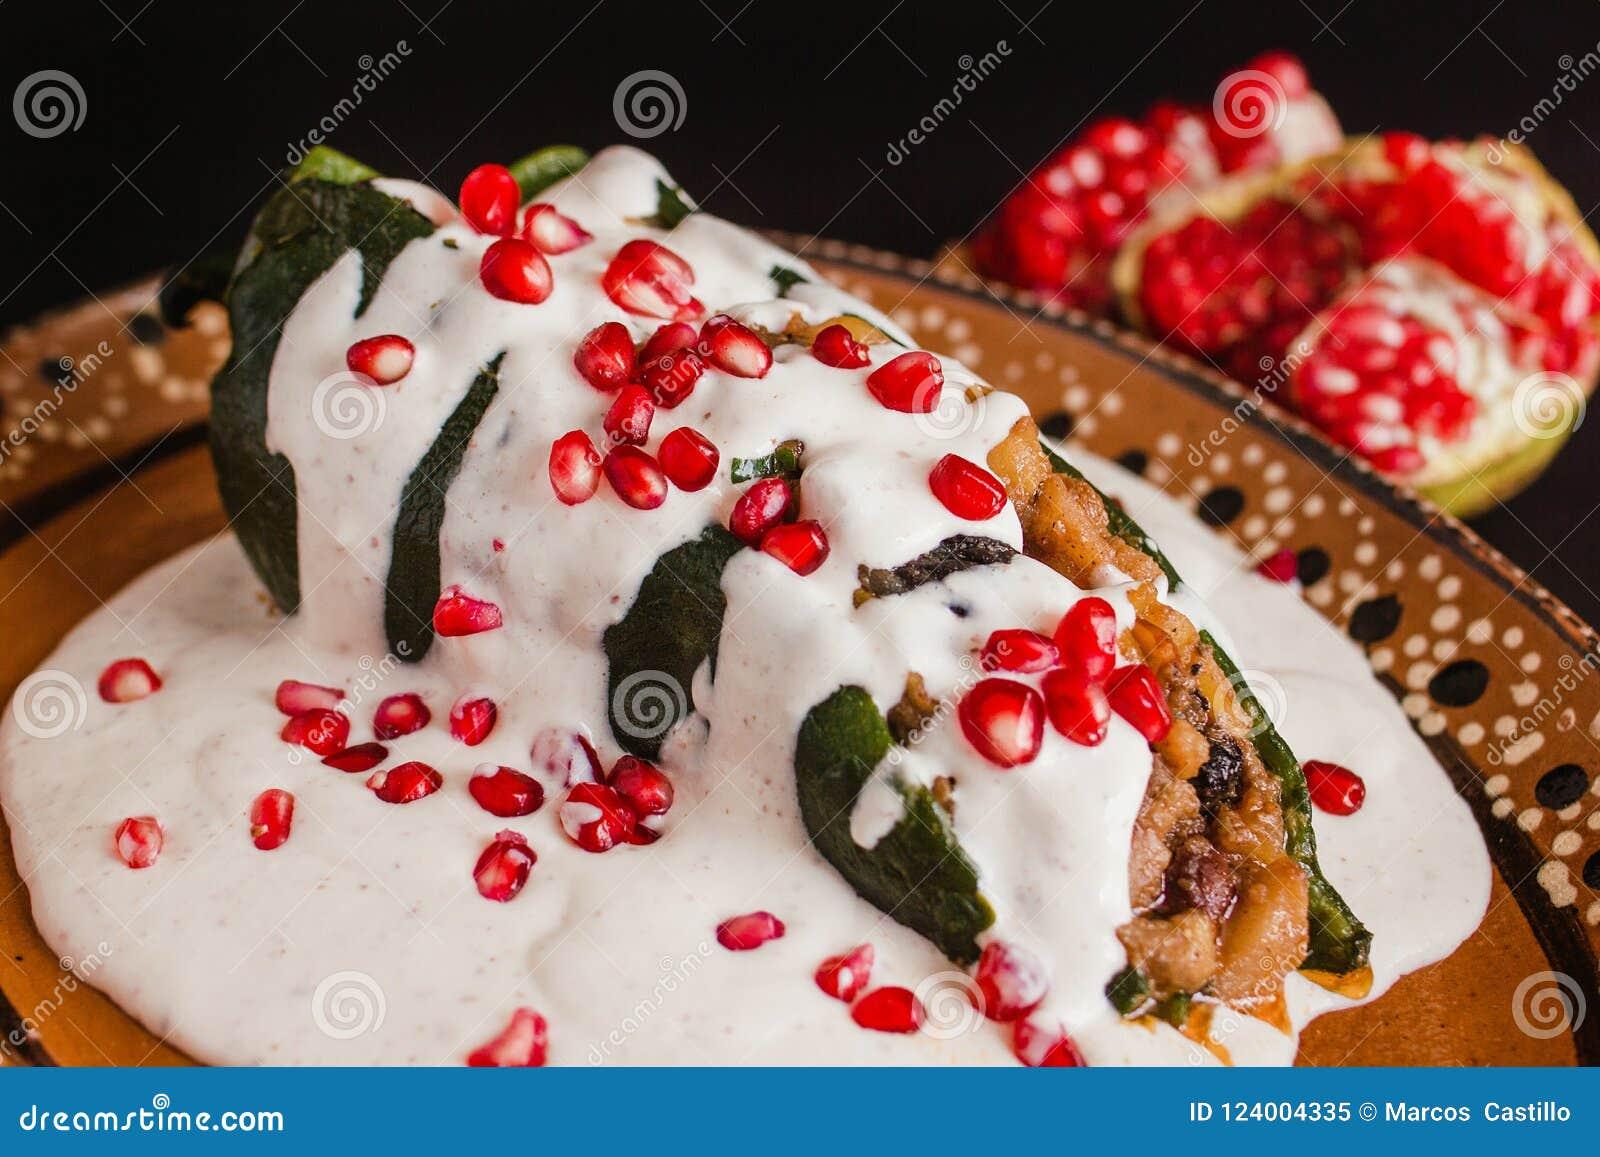 Chiles En Nogada Traditional Mexican Cuisine In Puebla Mexico Stock Image Image Of Comida Mexico 124004335